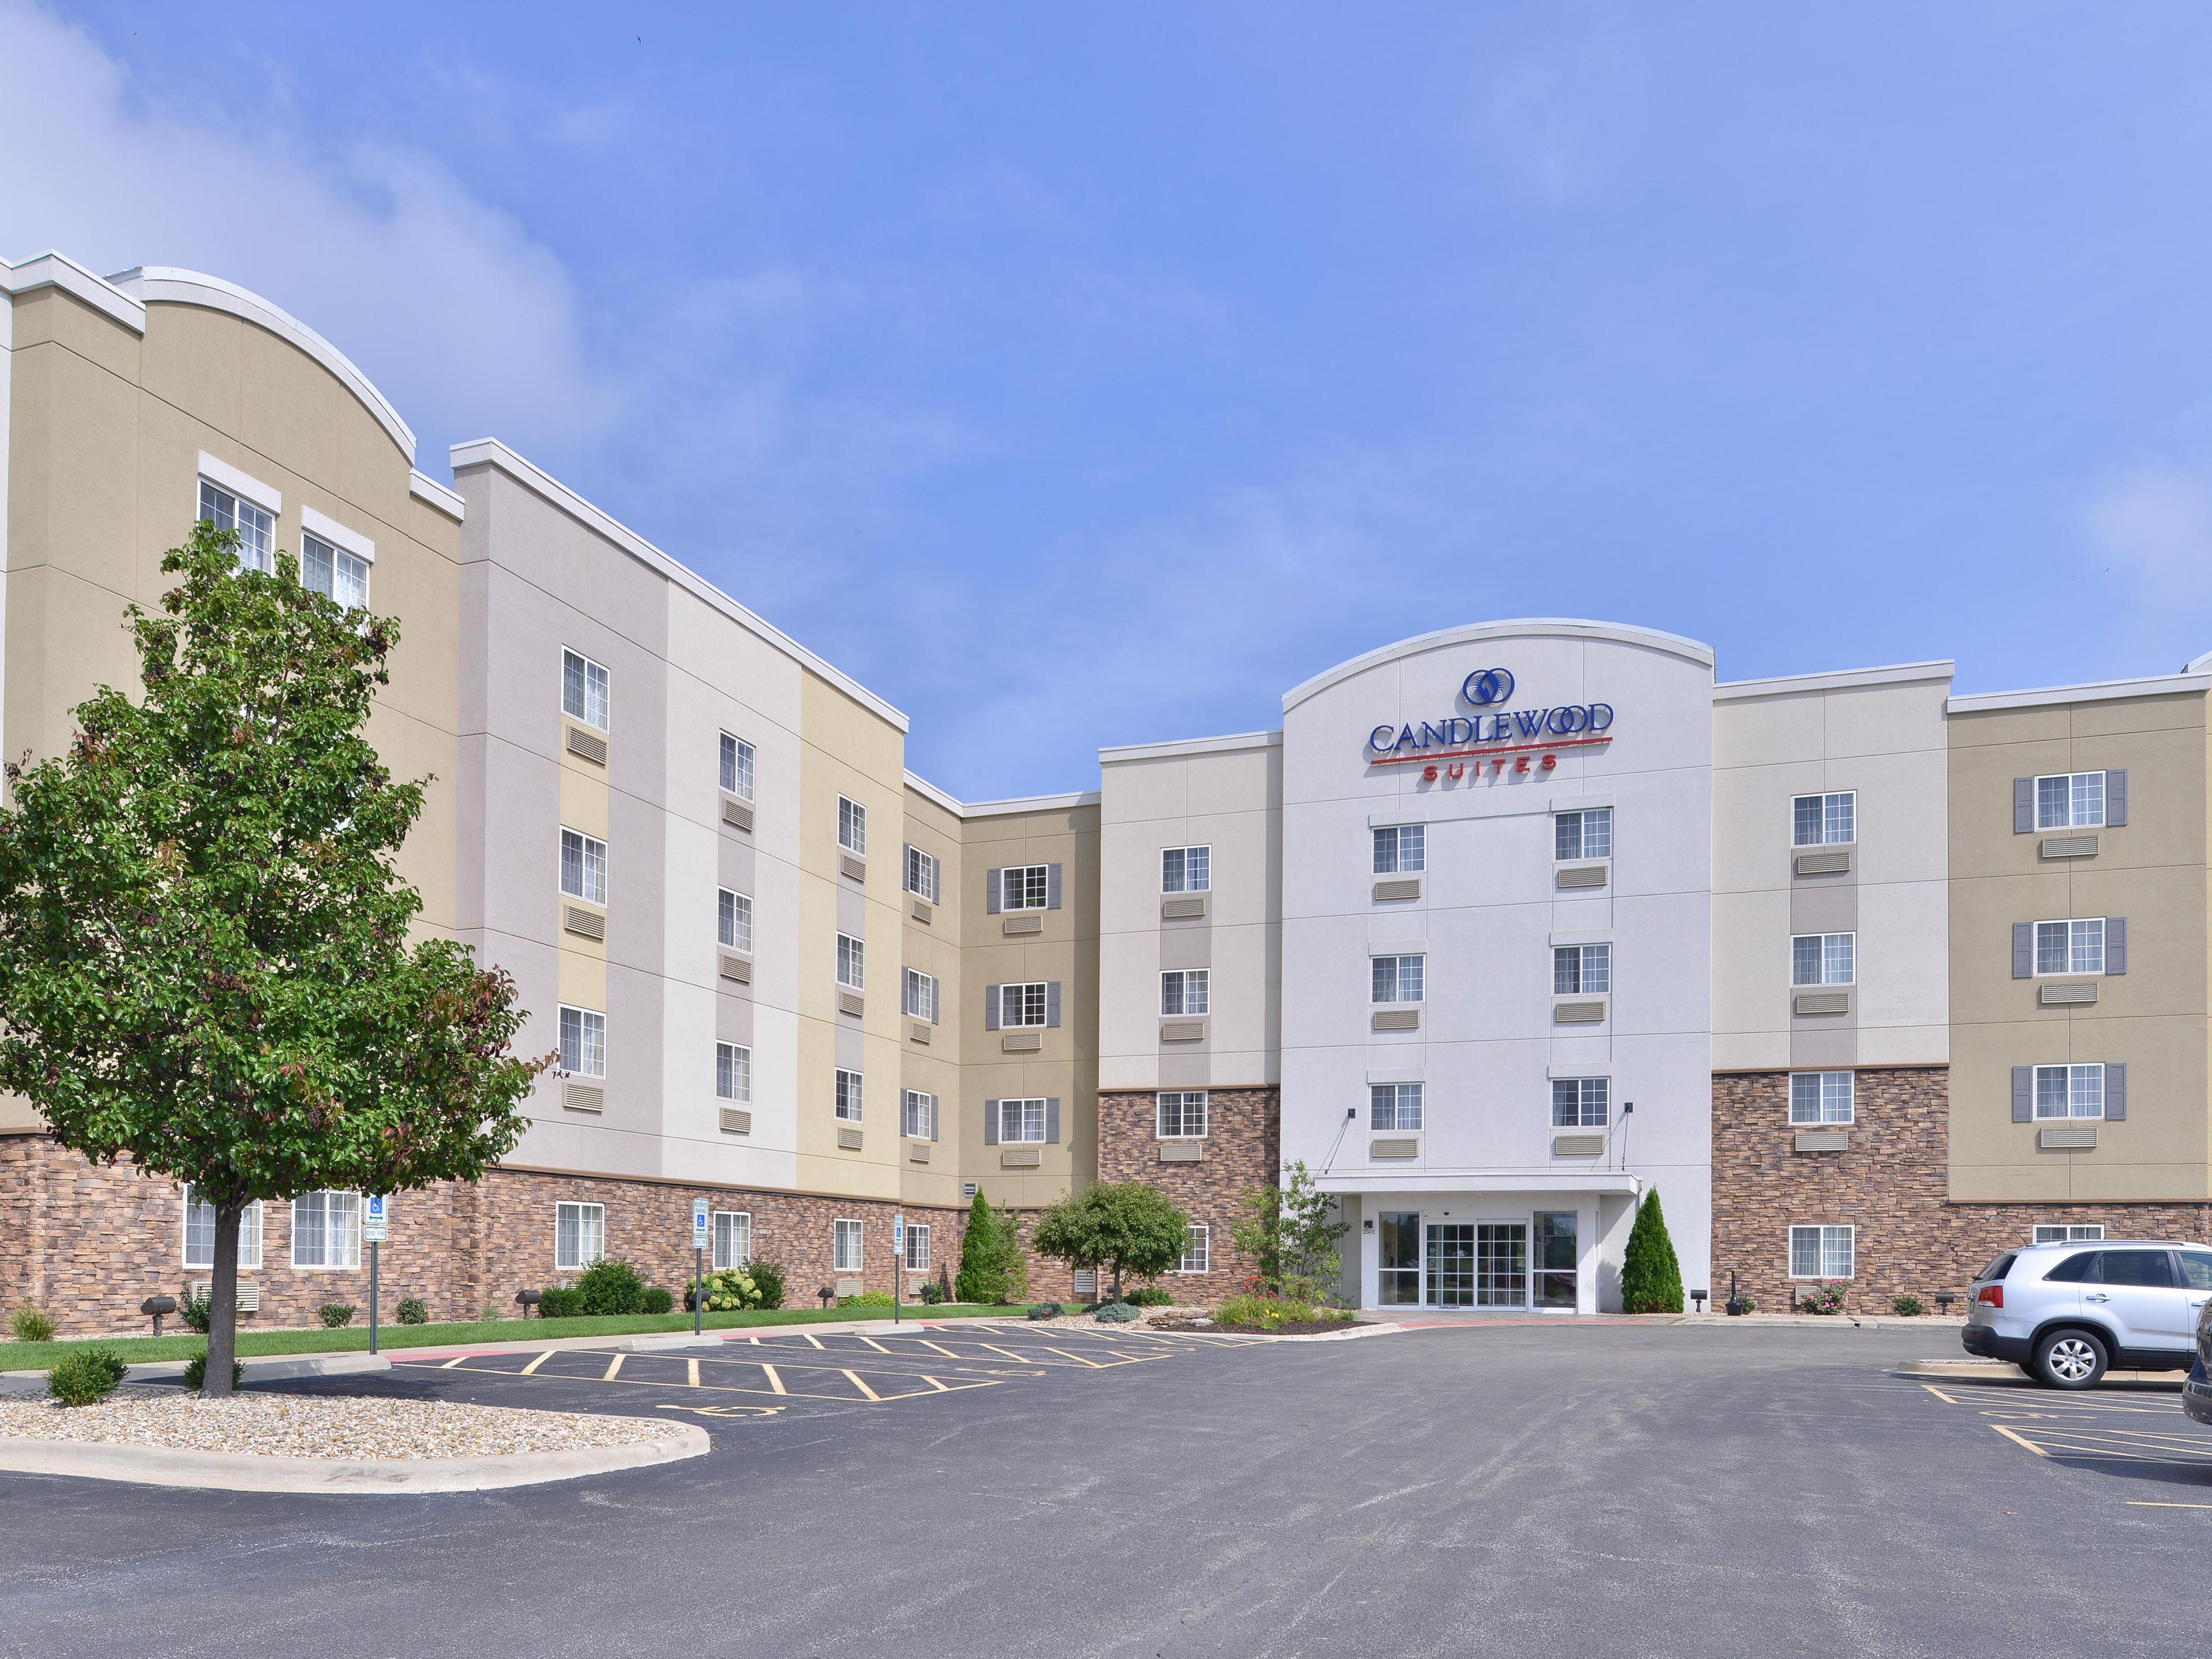 lodge lincoln hotels lincolns lincolnslodge com in il motel